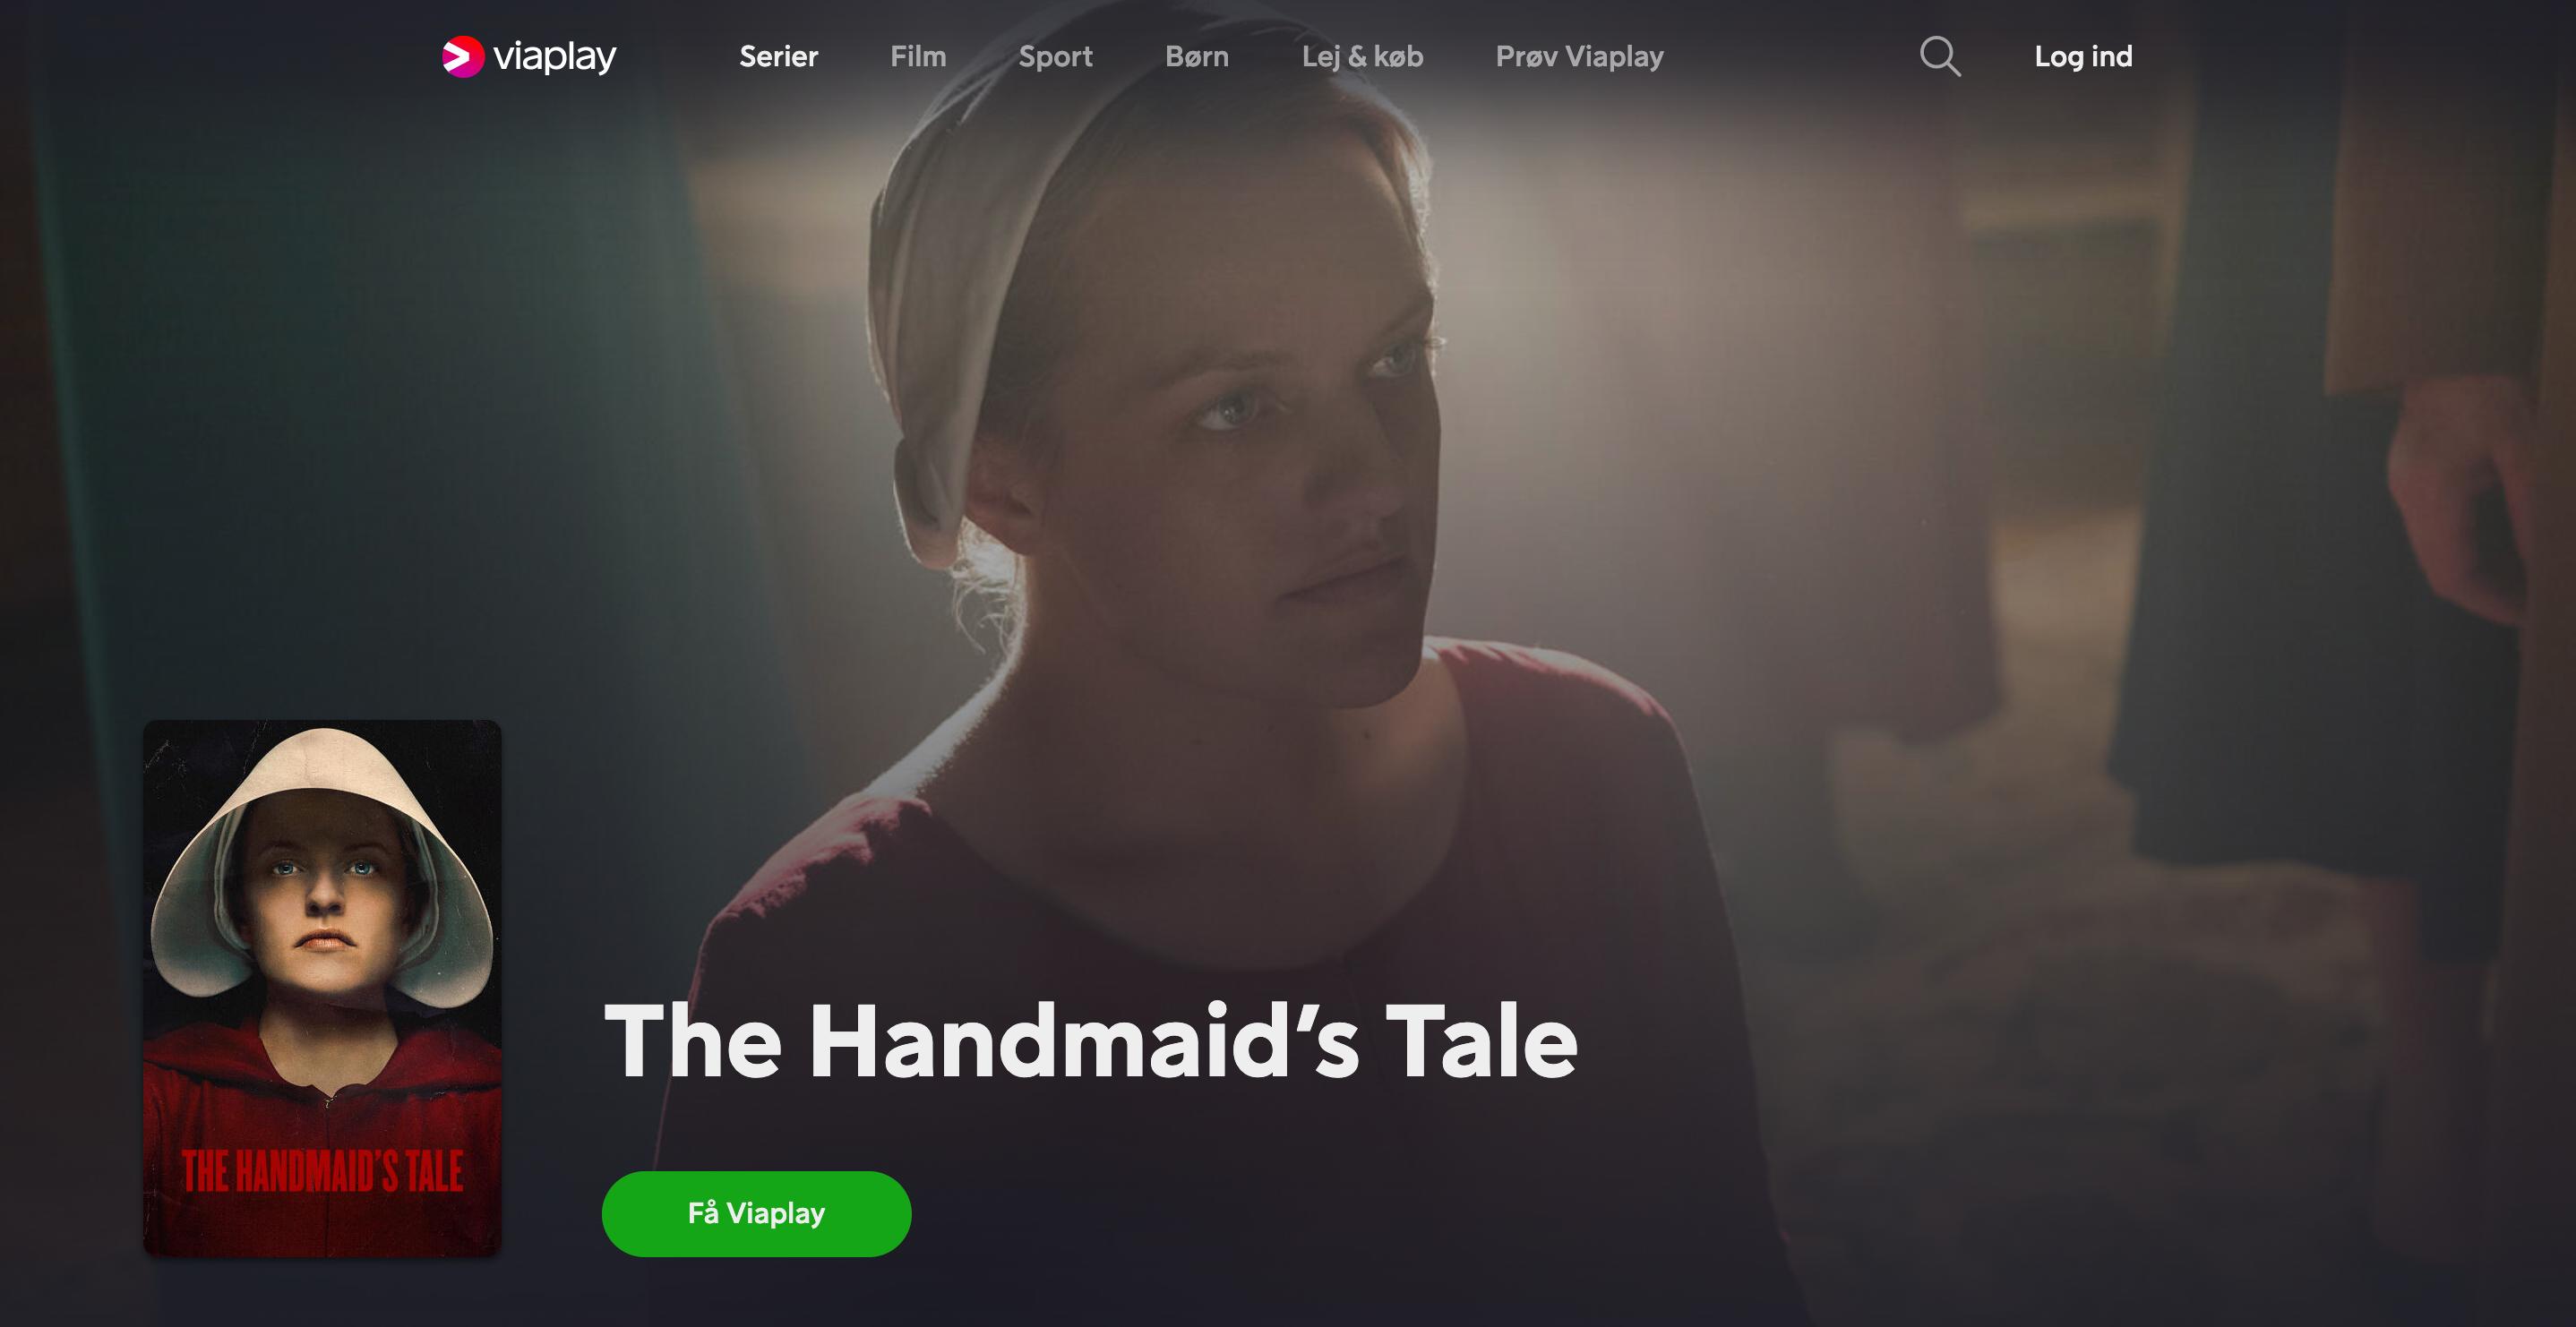 The-Handmaid's-Tale-Viaplay